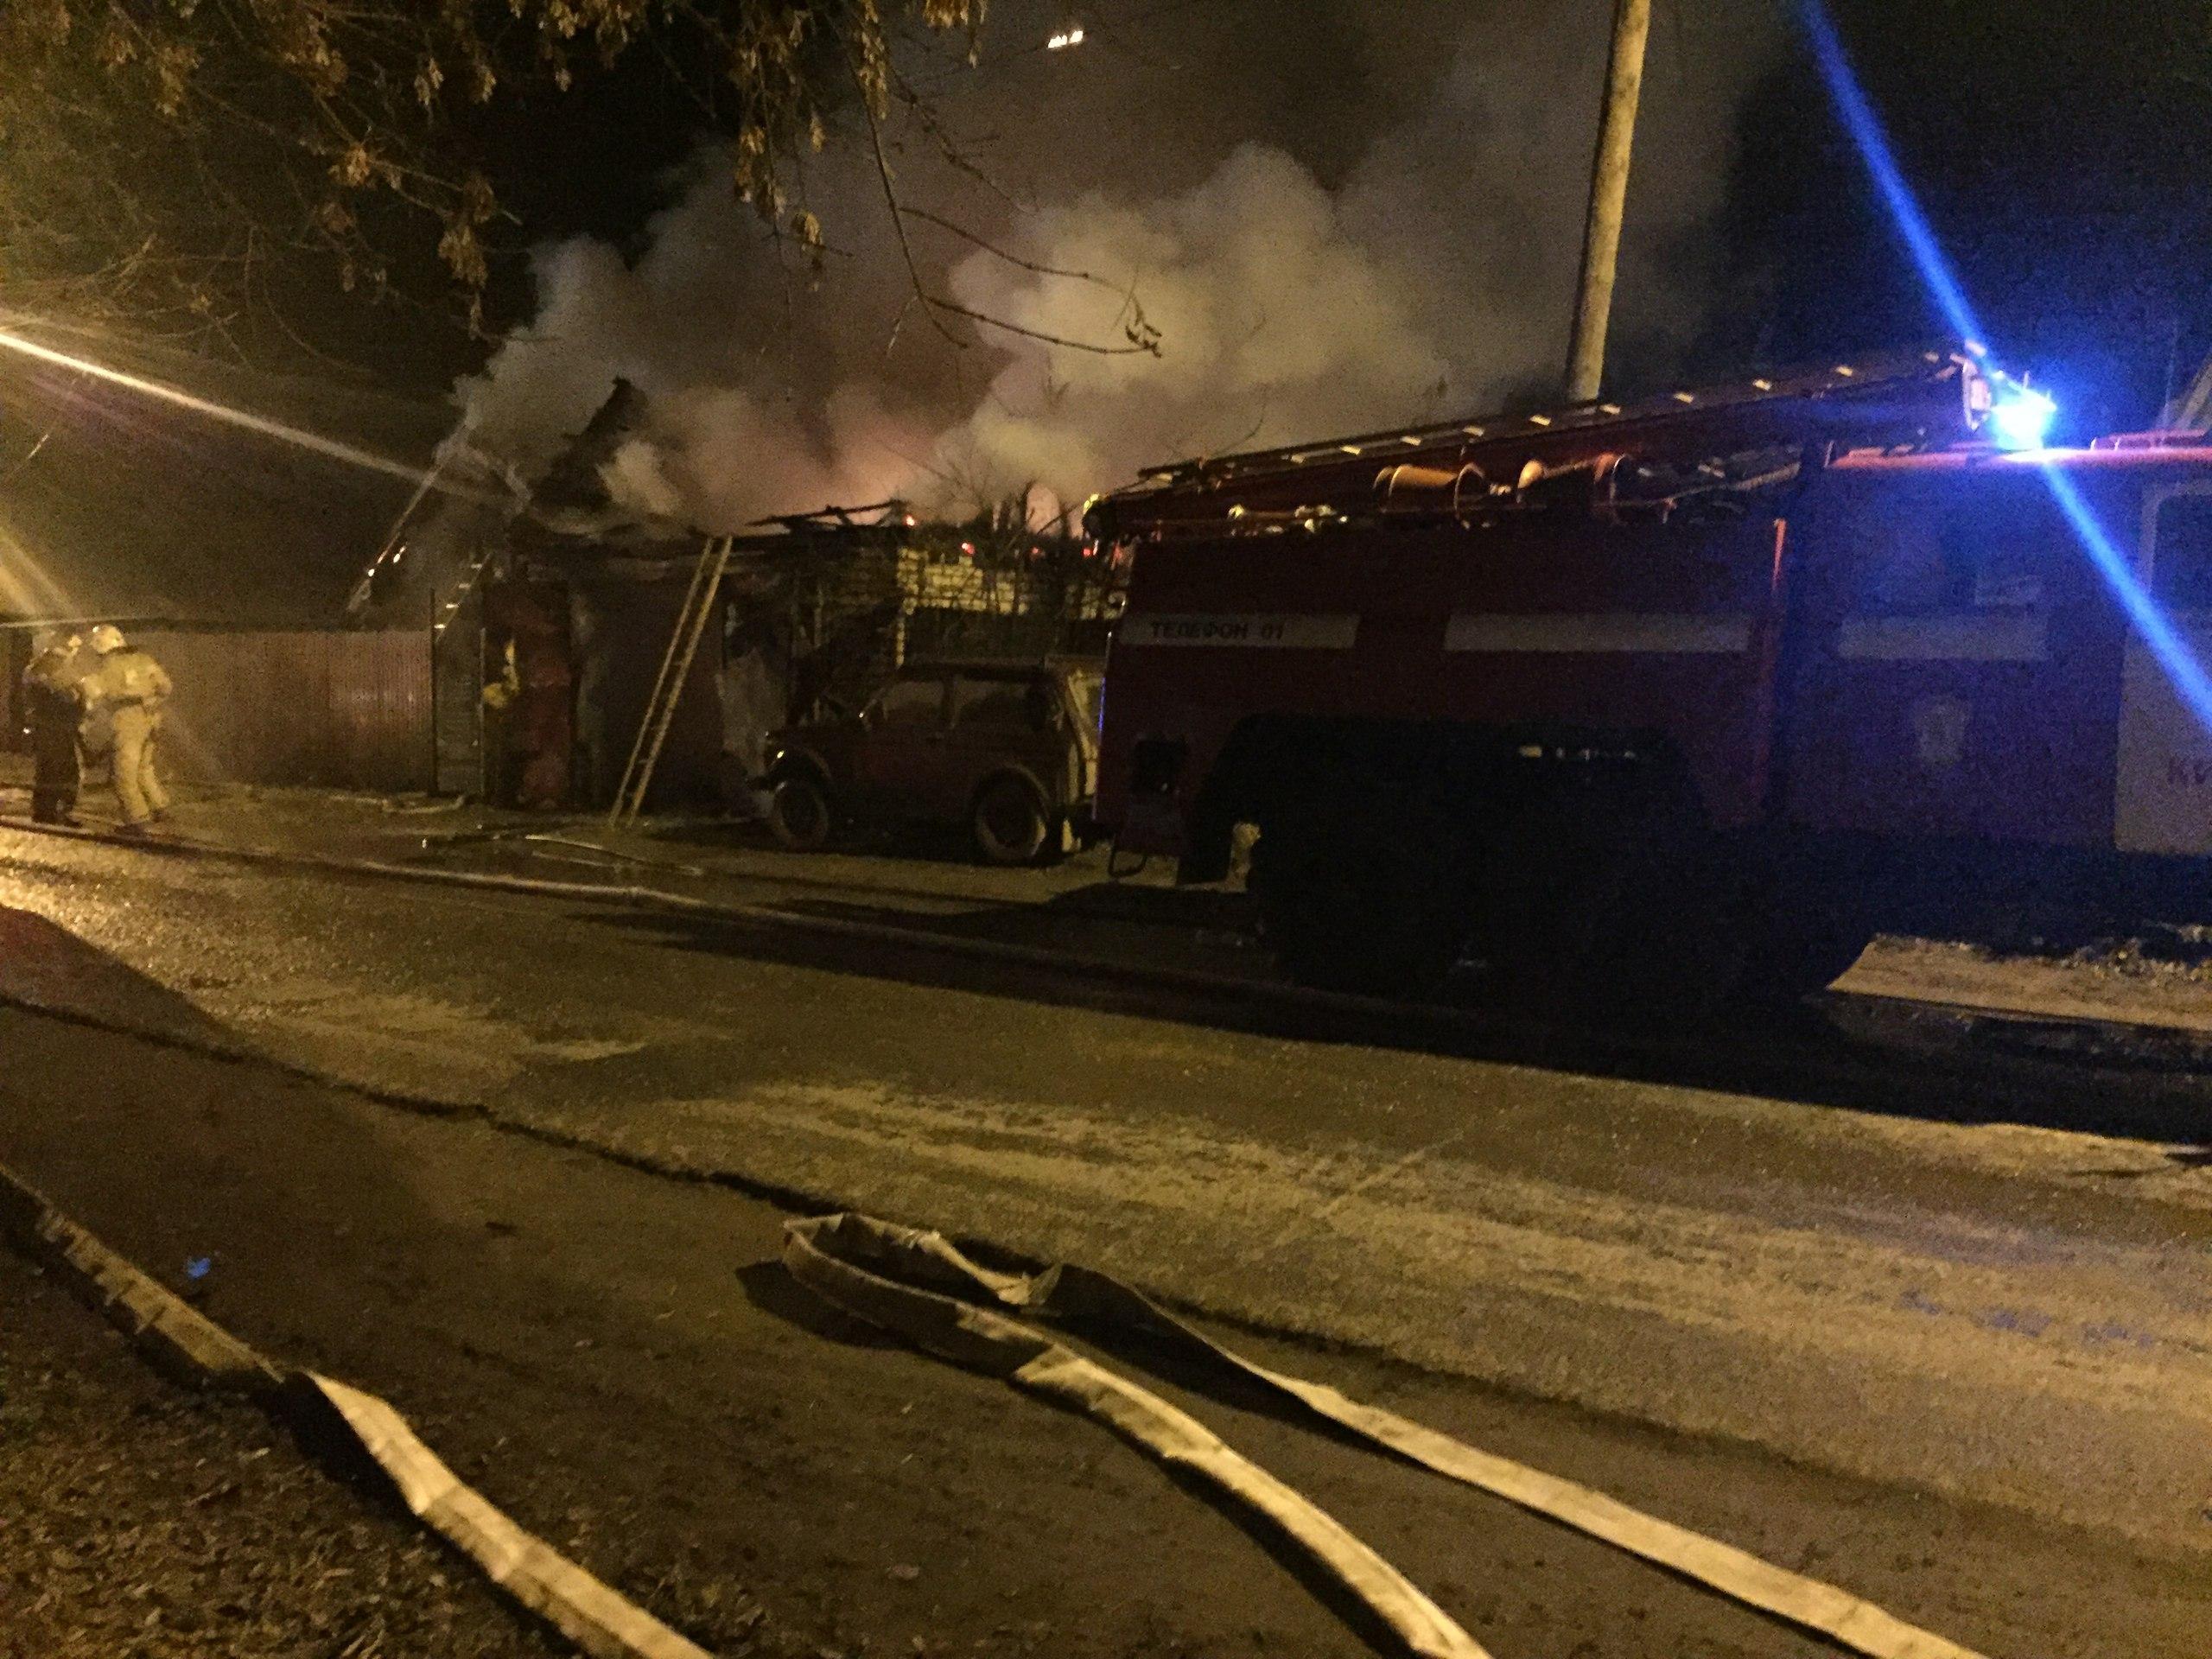 ВВересниках пожар уничтожил гараж, автомобиль икрышу дома